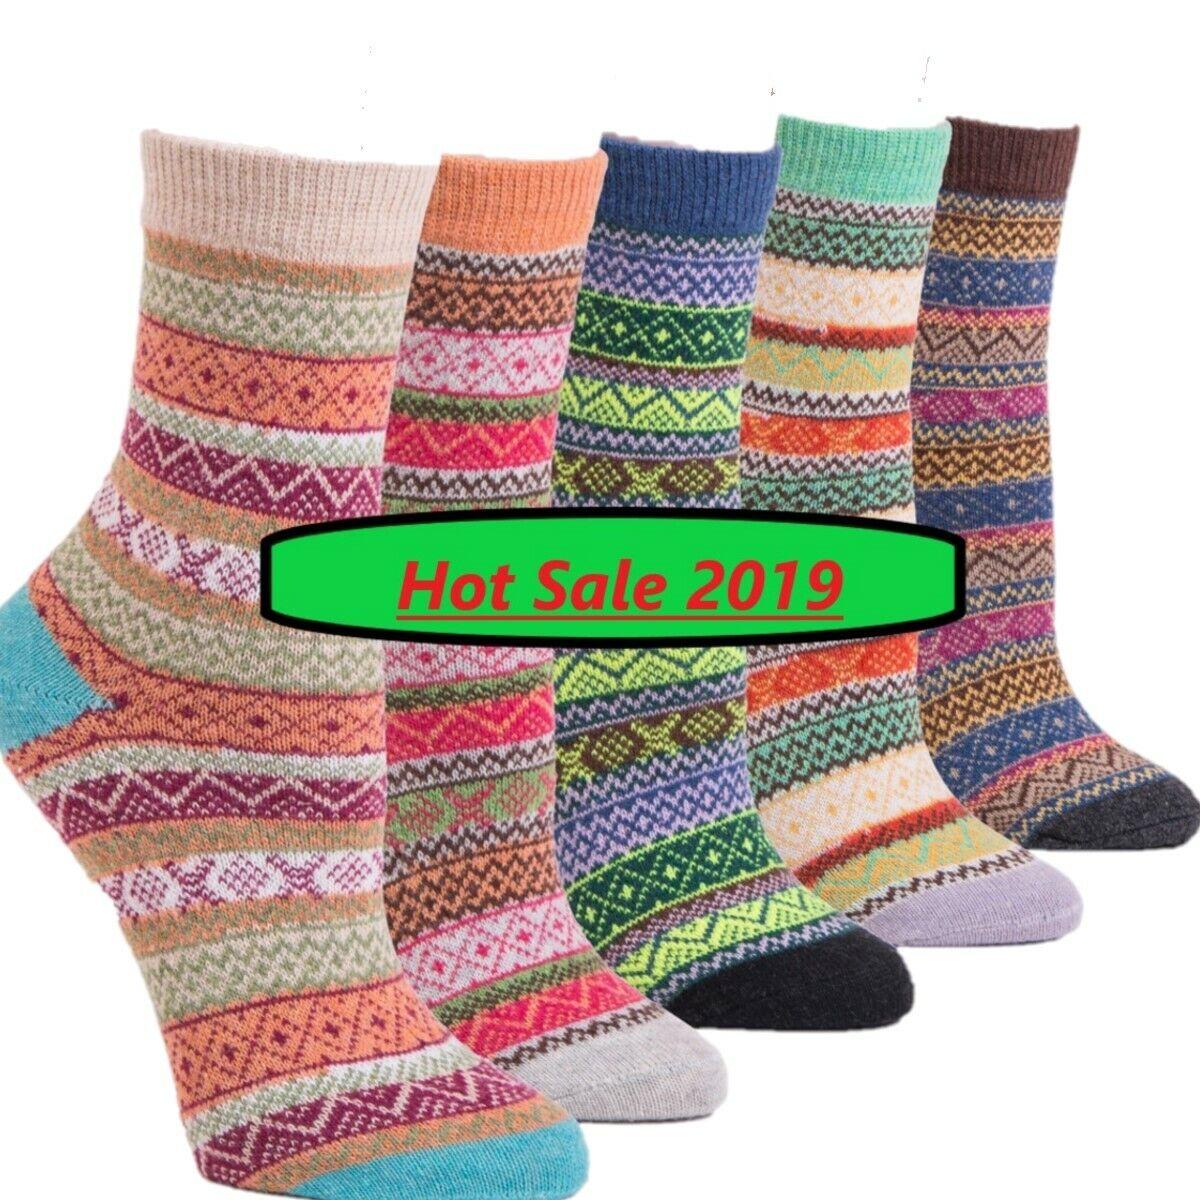 Bunte Socken   Vintage Damen Wintersocken   Frauen Wollsocken Damensocken  5er